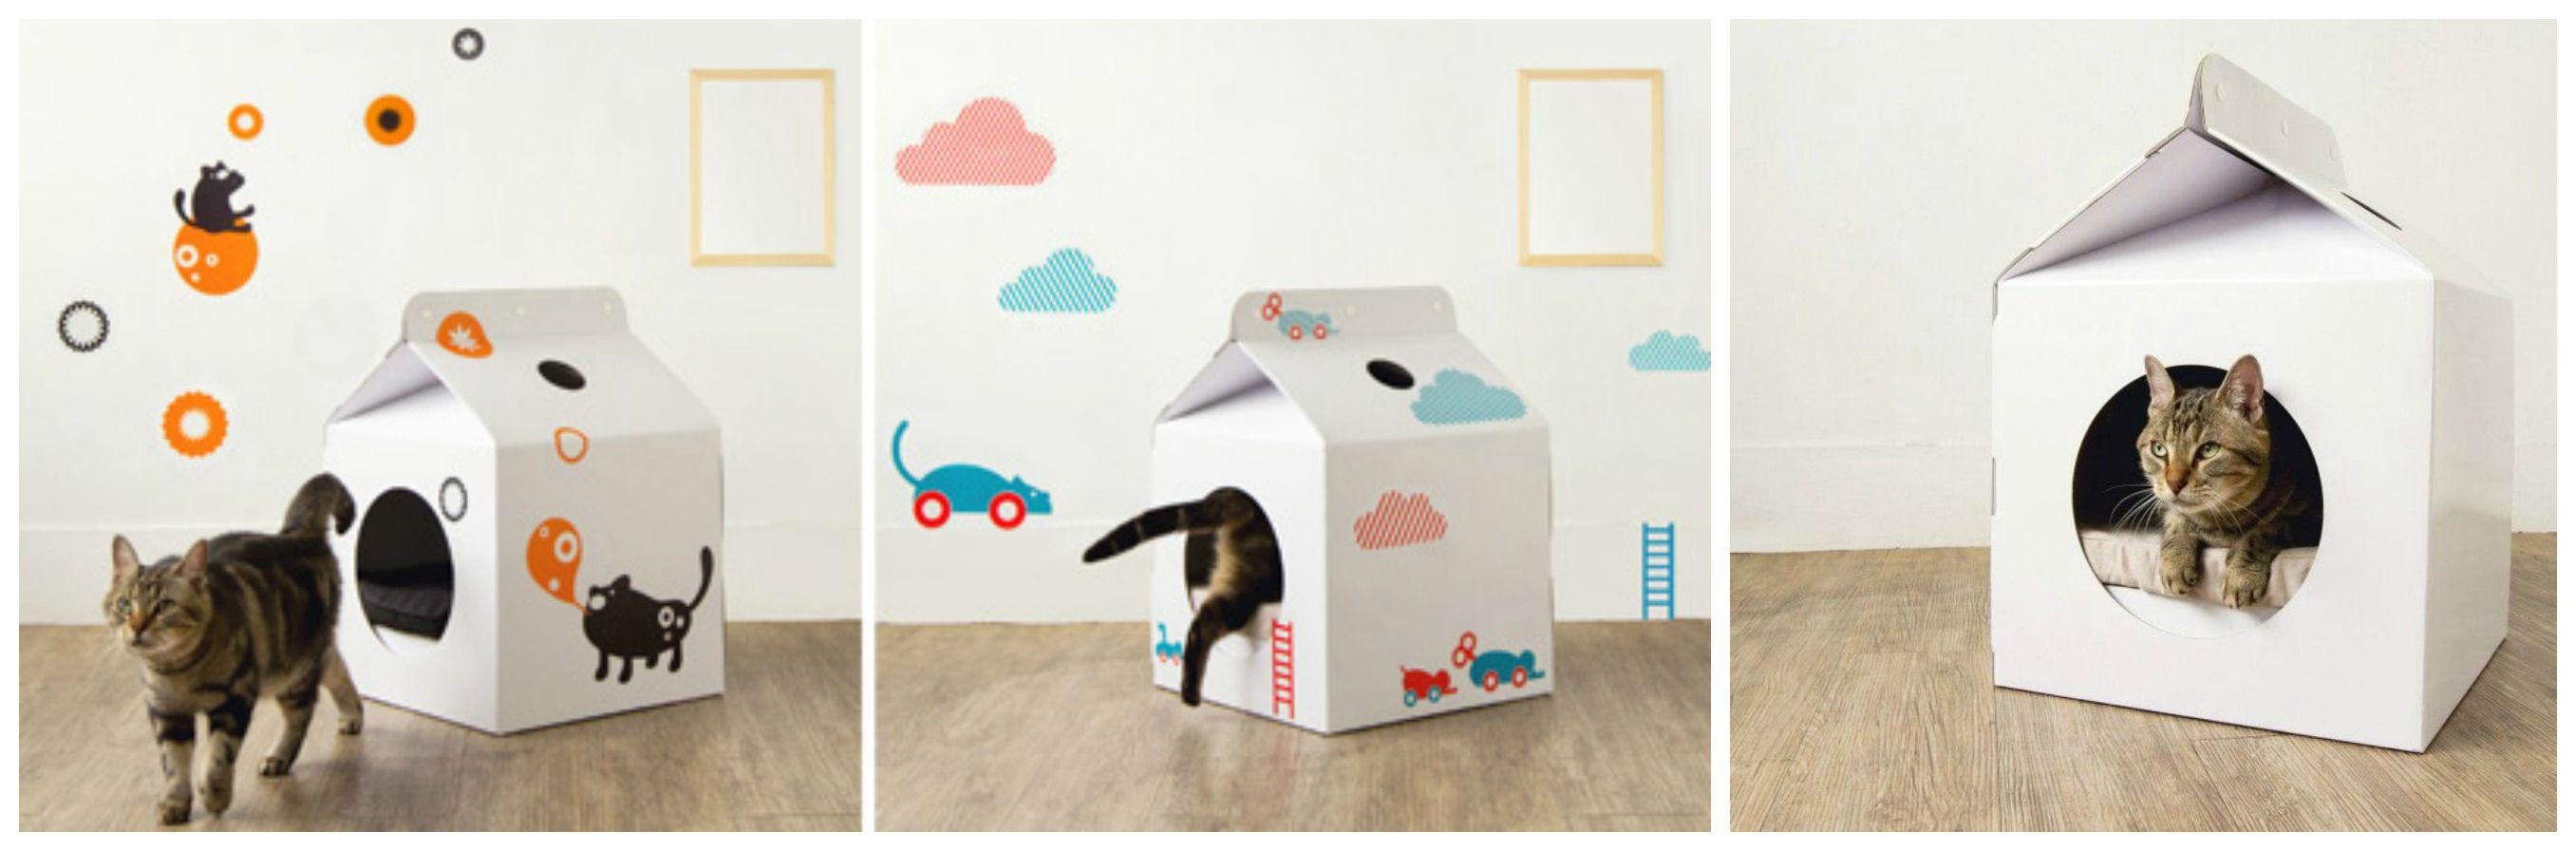 Картинки домиков из коробок для котов